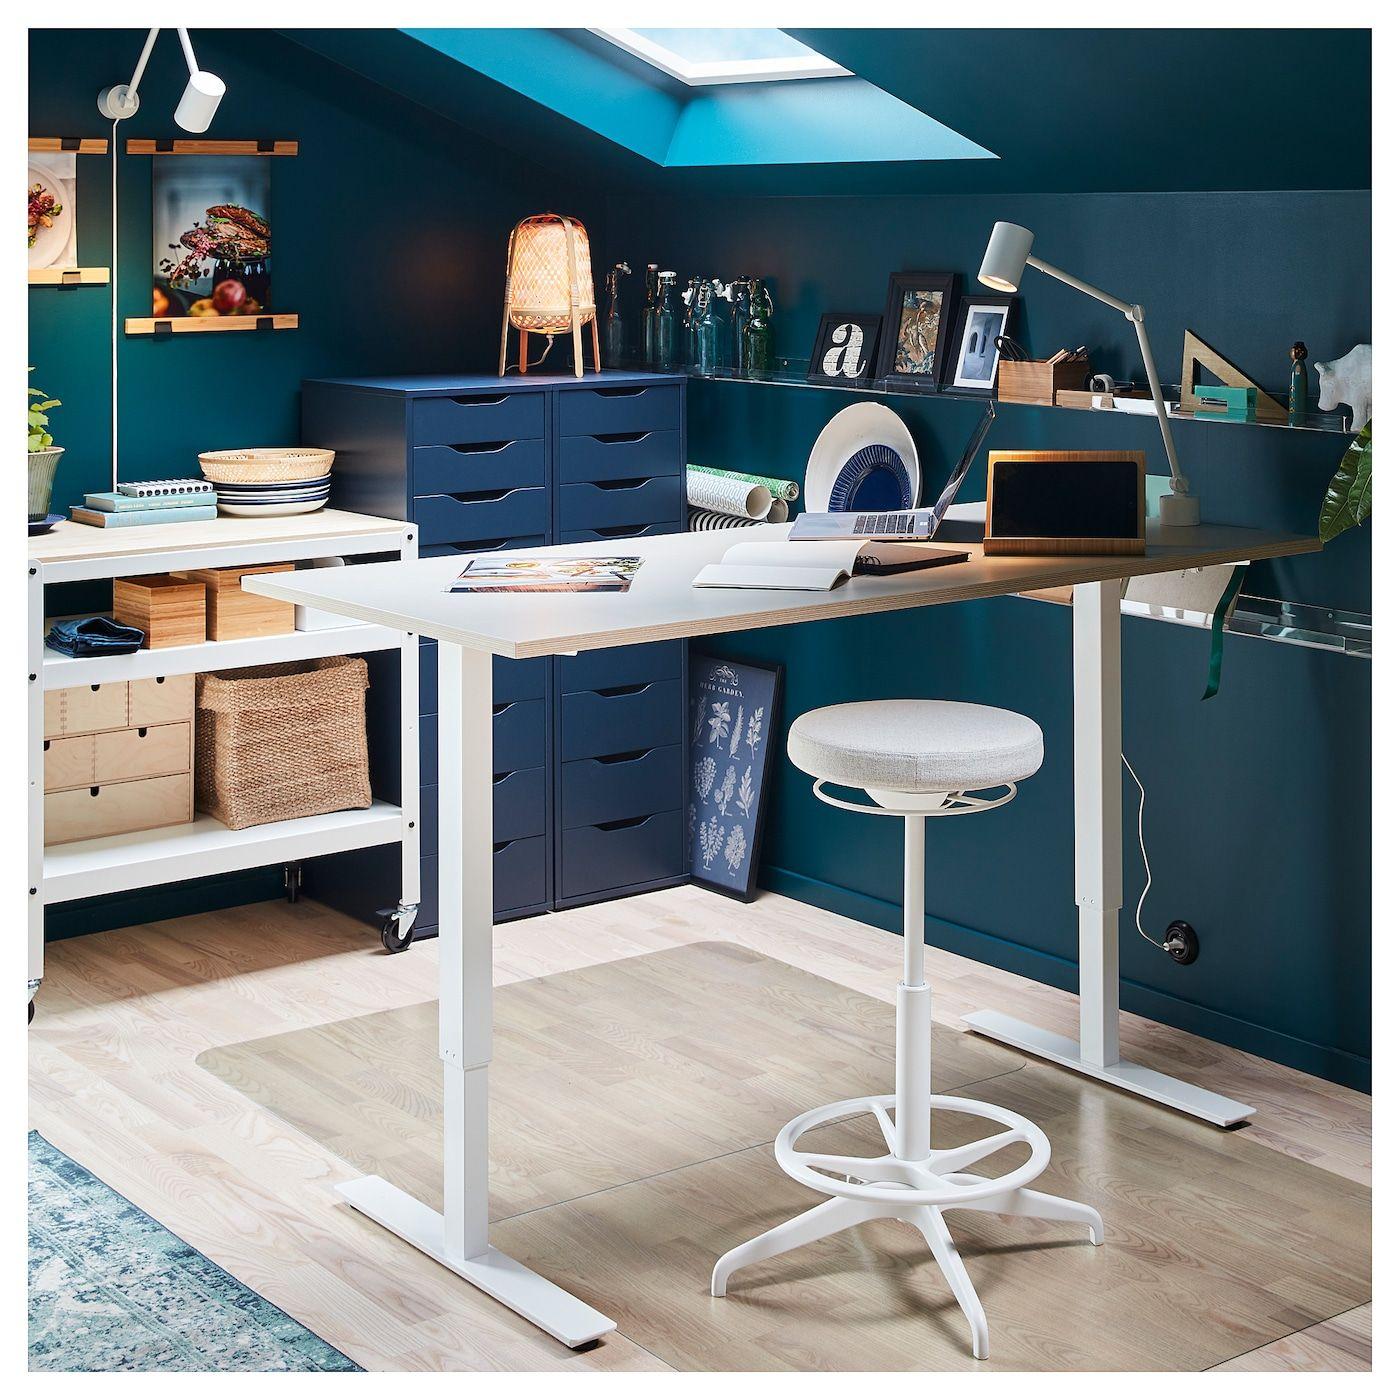 Lidkullen Sitz Stehstutze Aktiv Gunnared Beige Ikea Osterreich In 2020 Ikea Home Desk